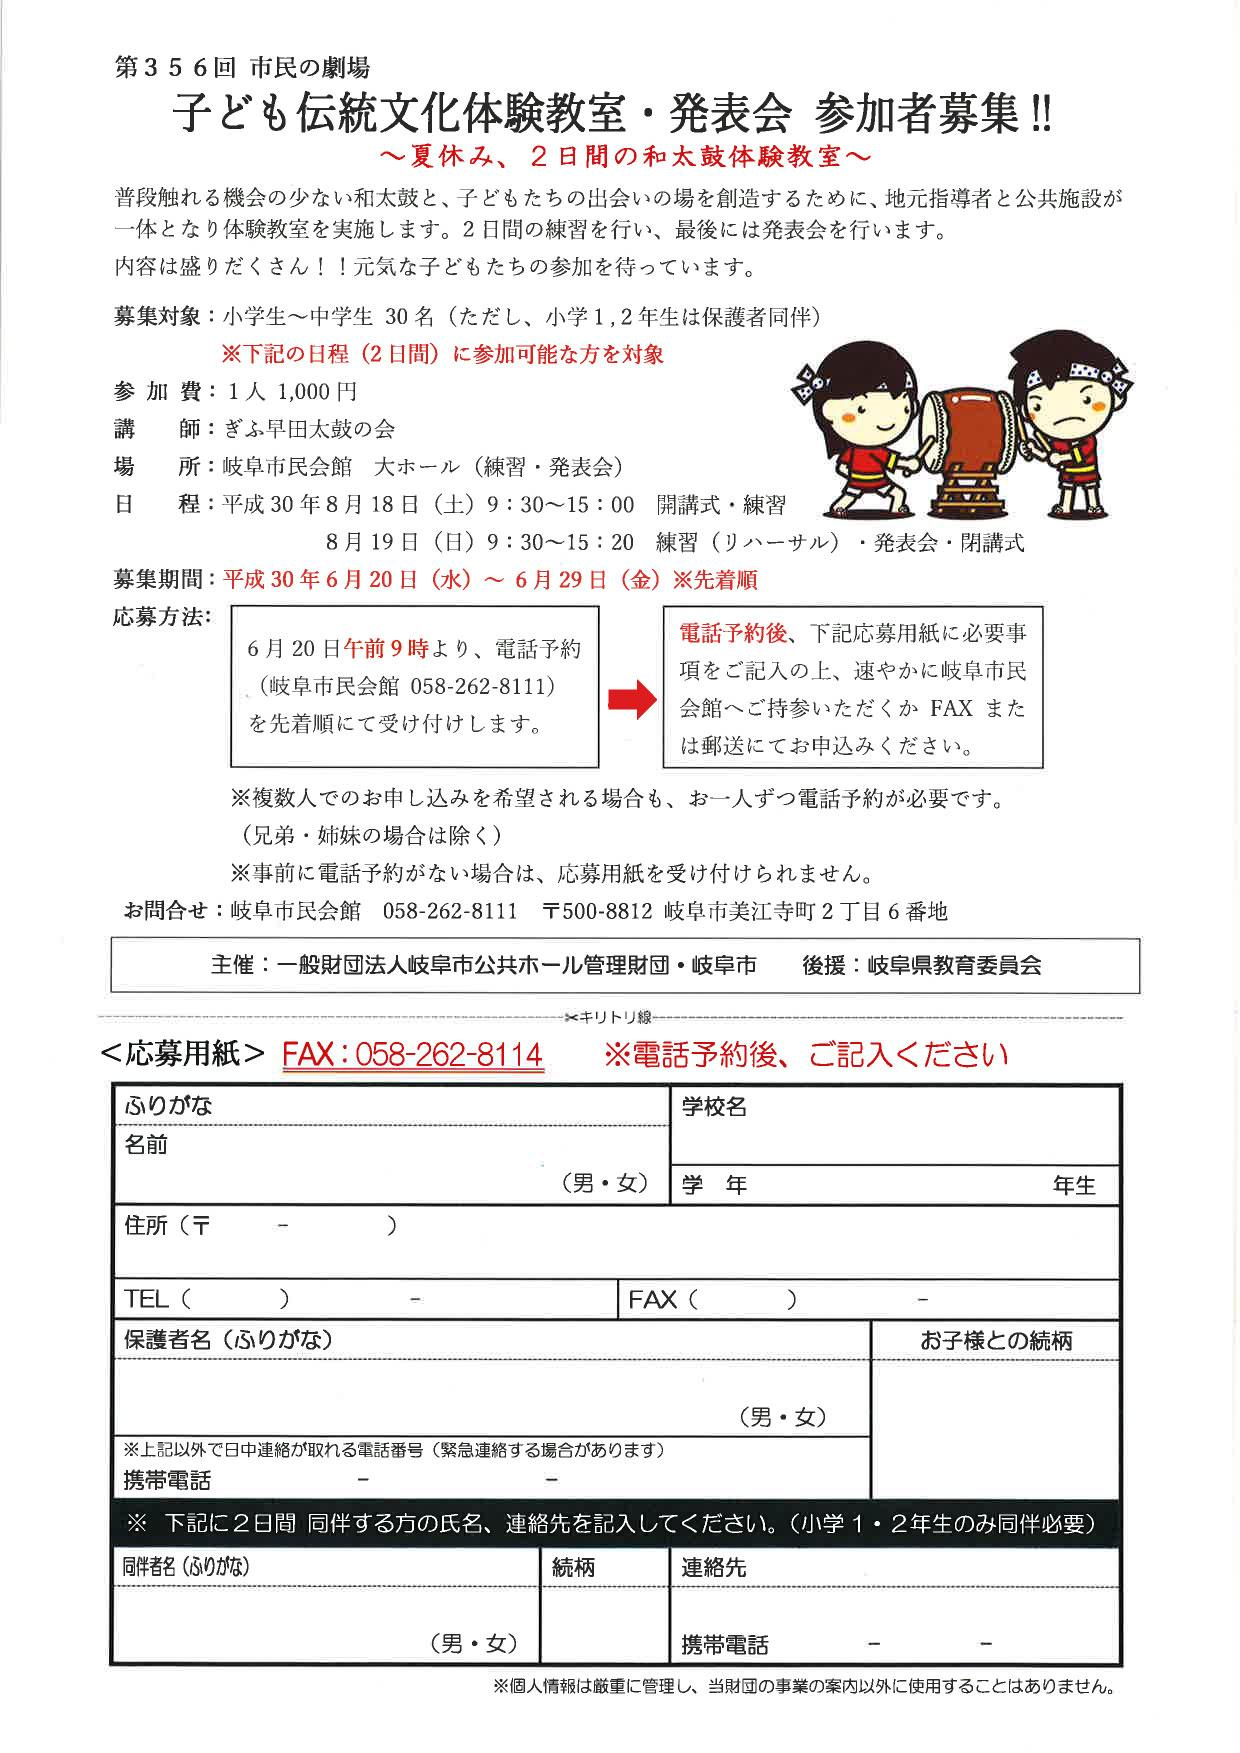 伝統文化体験教室応募用紙